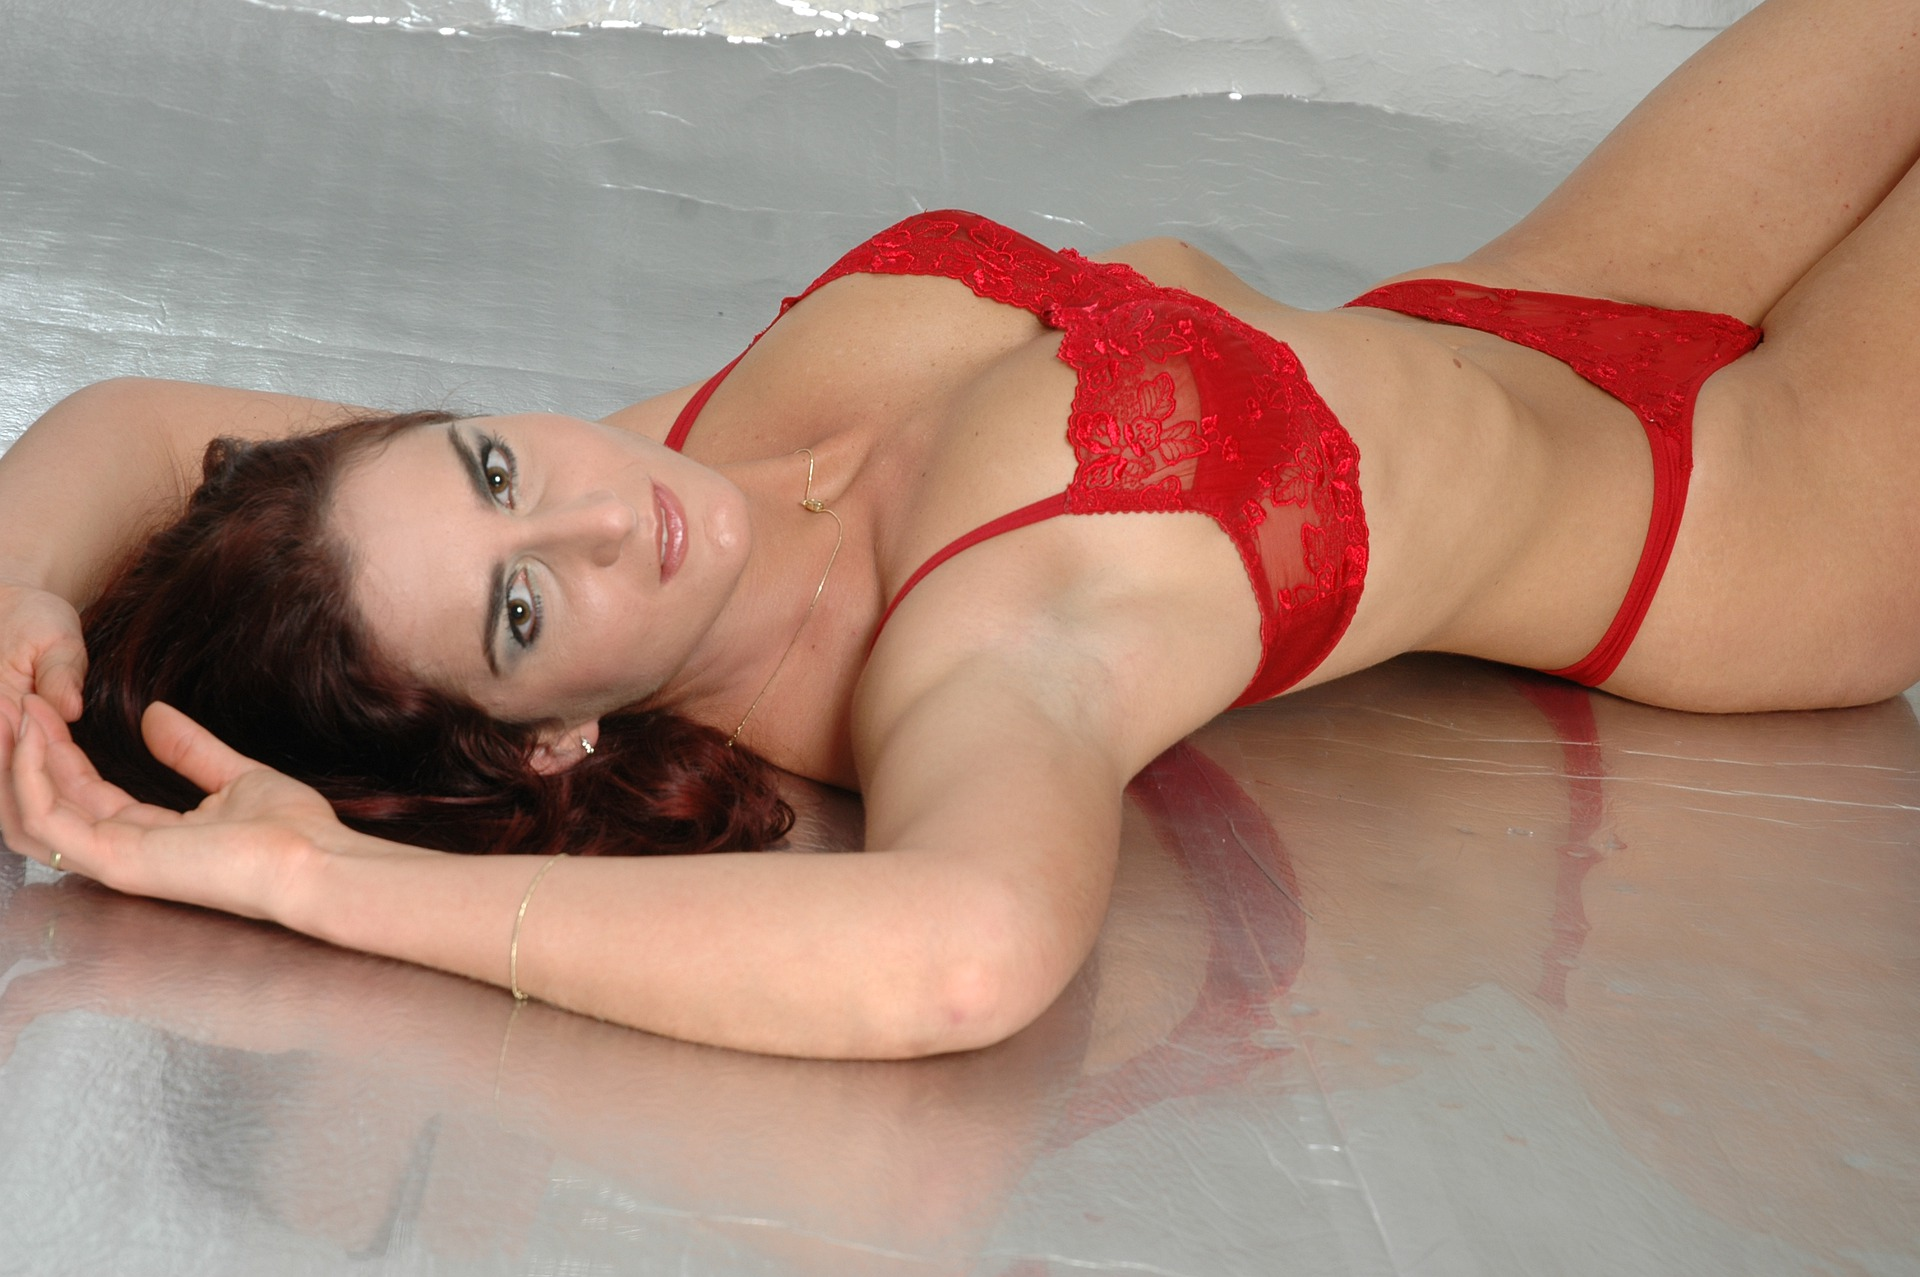 erotic-5488828_1920